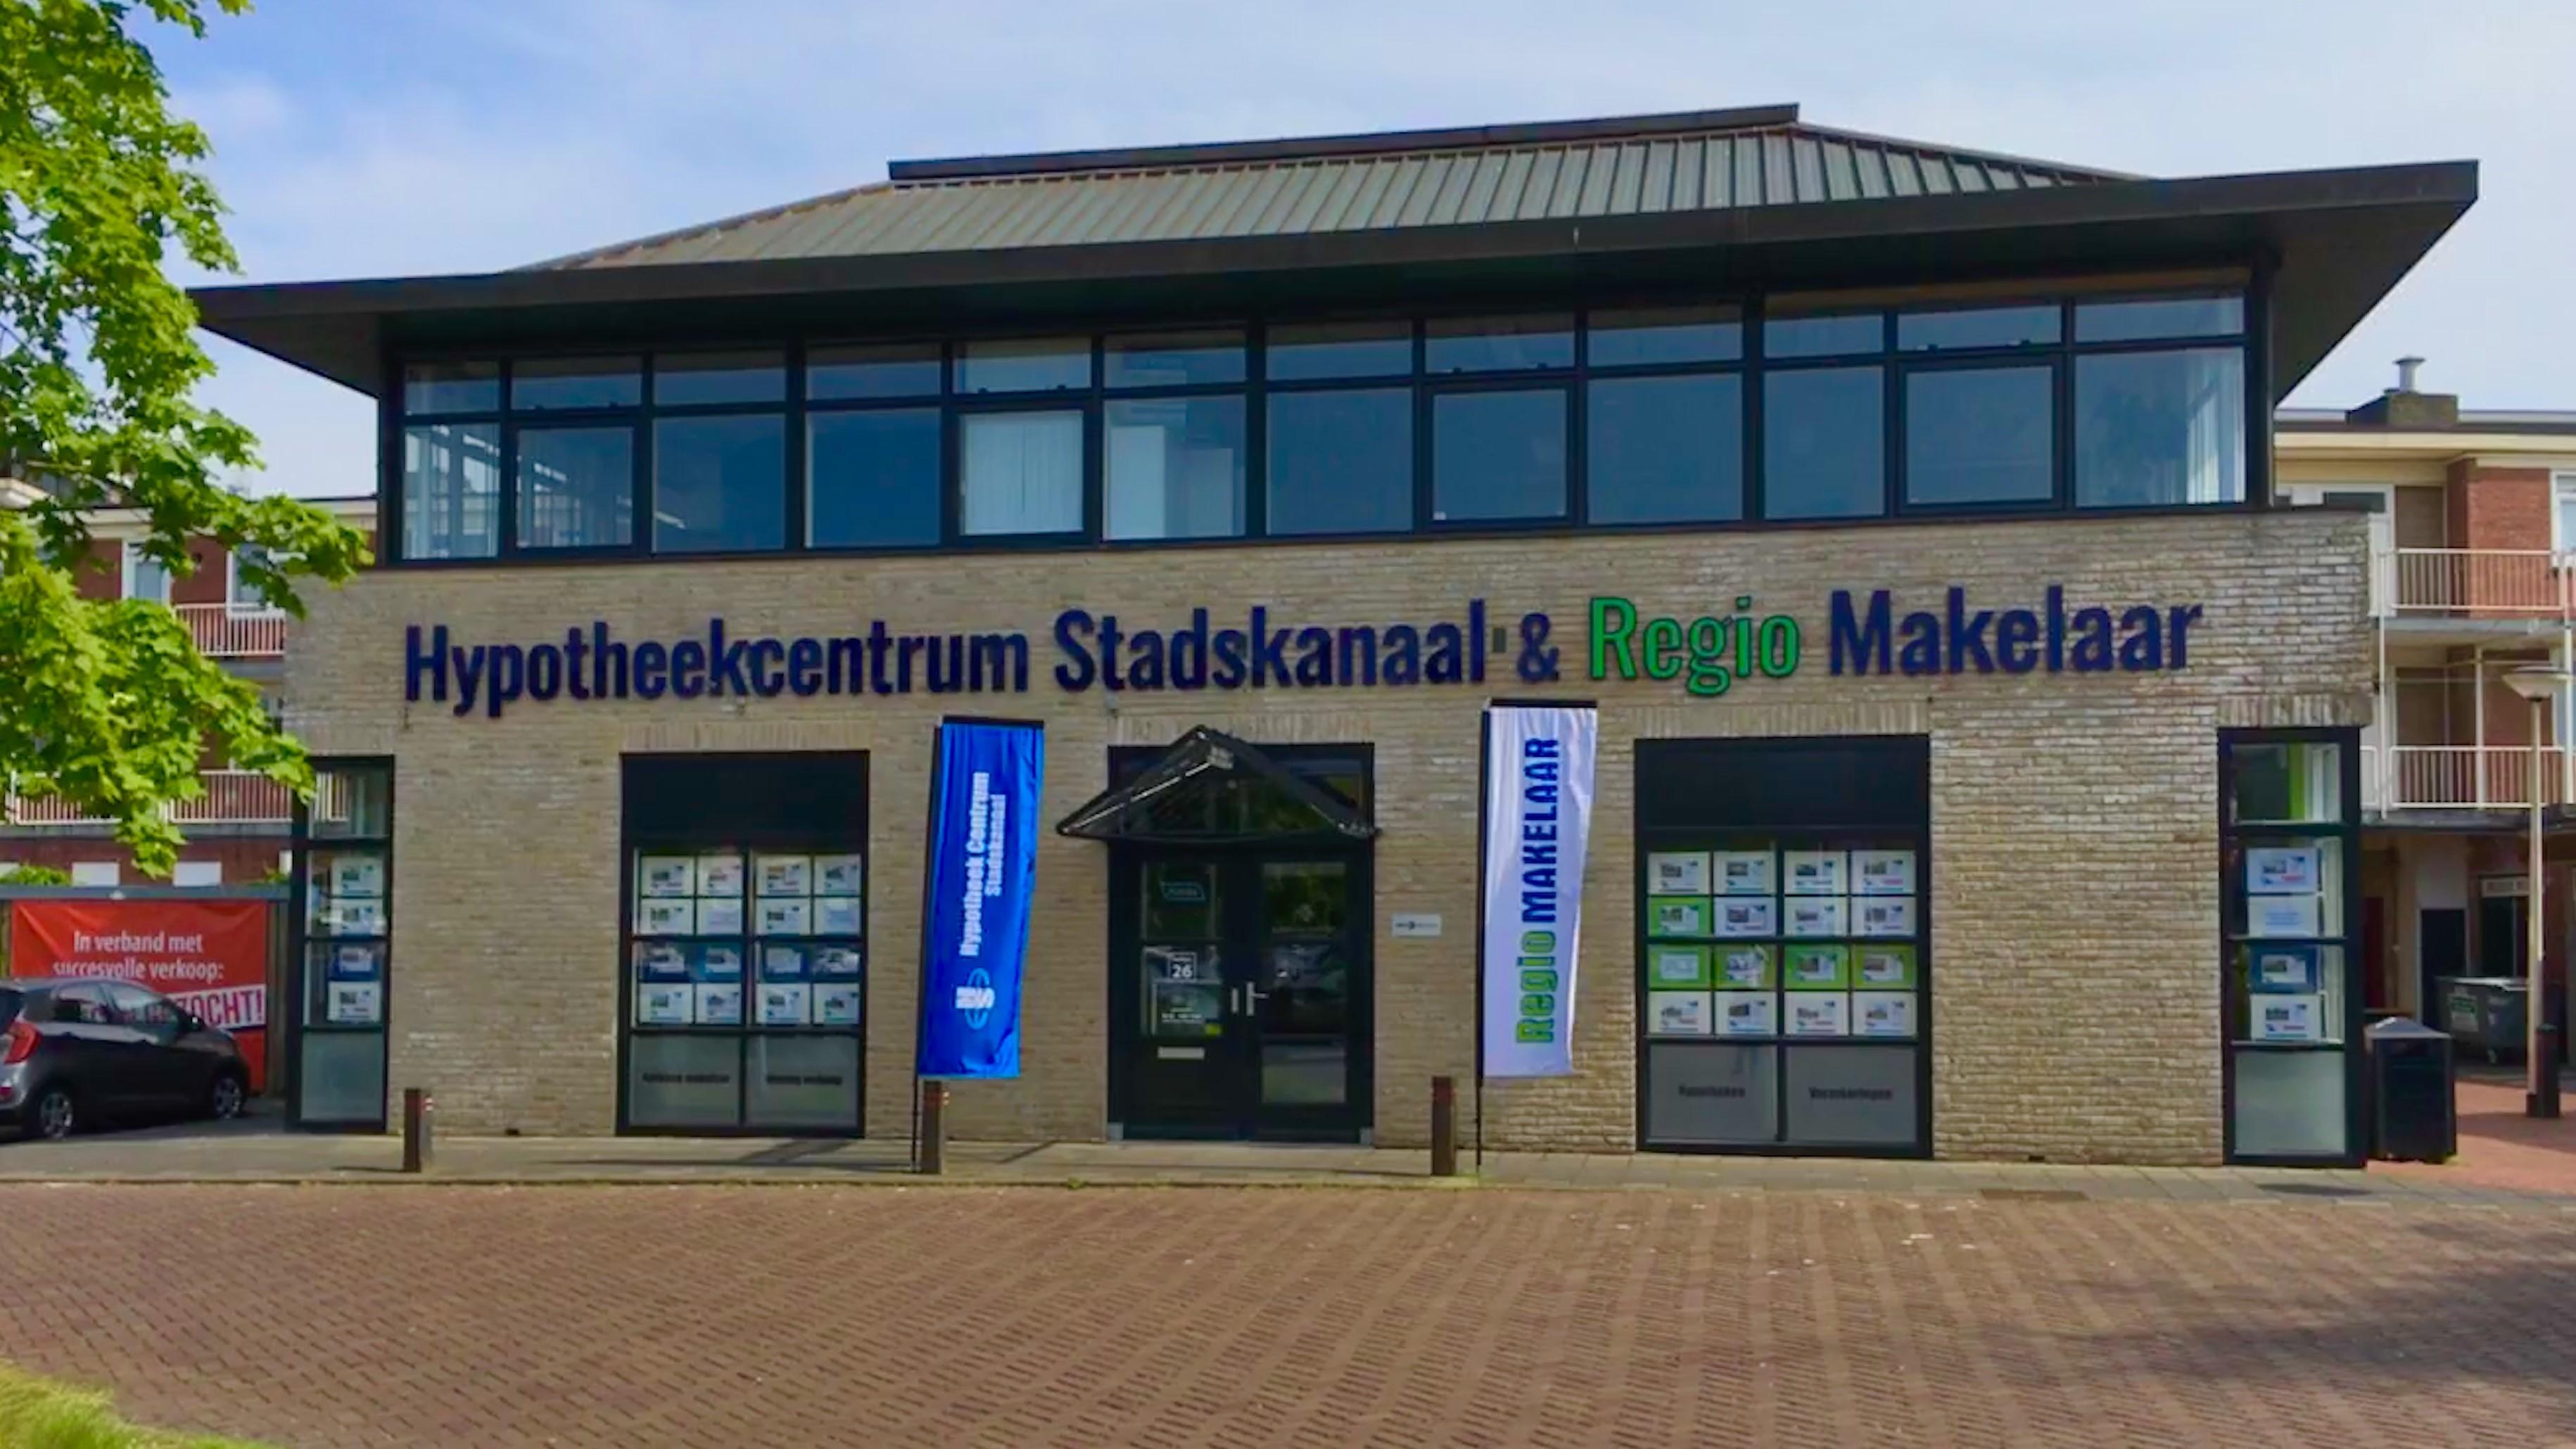 Kantoor Vestiging Regio Makelaar Stadskanaal